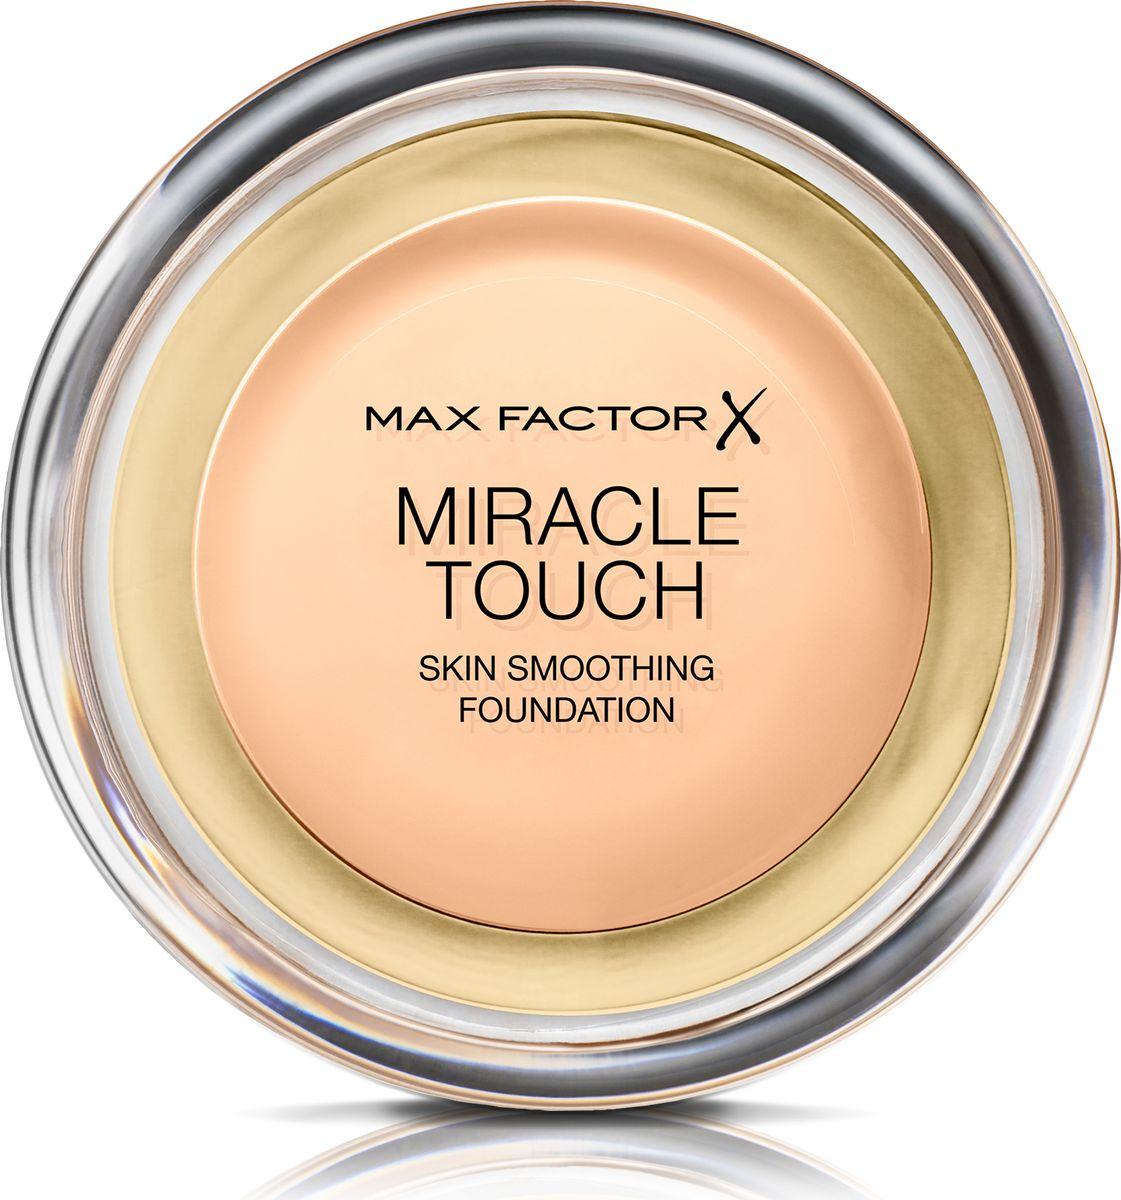 Max Factor Тональная Основа Miracle Touch Тон 40 creamy ivory 11,5 гр81055Уникальная универсальная тональная основа Max Factor Miracle Touch обладает кремообразной формулой, благодаря которой превосходно подготовить кожу для макияжа очень легко. Всего один слой без необходимости нанесения консилера или пудры. Формула Легкая твердая тональная основа тает в руках и гладко наносится на кожу, создавая идеальное, безупречно блестящее и равномерное покрытие, не слишком прозрачное и не слишком плотное. В результате кожа выглядит свежей, необычайно ровной и приобретает сияние. Чтобы создать безупречное покрытие, можно нанести всего один легкий слой тональной основы или же сделать покрытие более плотным благодаря специальной формуле. Тональная основа подходит для всех типов кожи, включая чувствительную кожу, и не вызывает угревой сыпи, так как не закупоривает поры. Спонж в комплекте для простого и аккуратного нанесения где угодно.